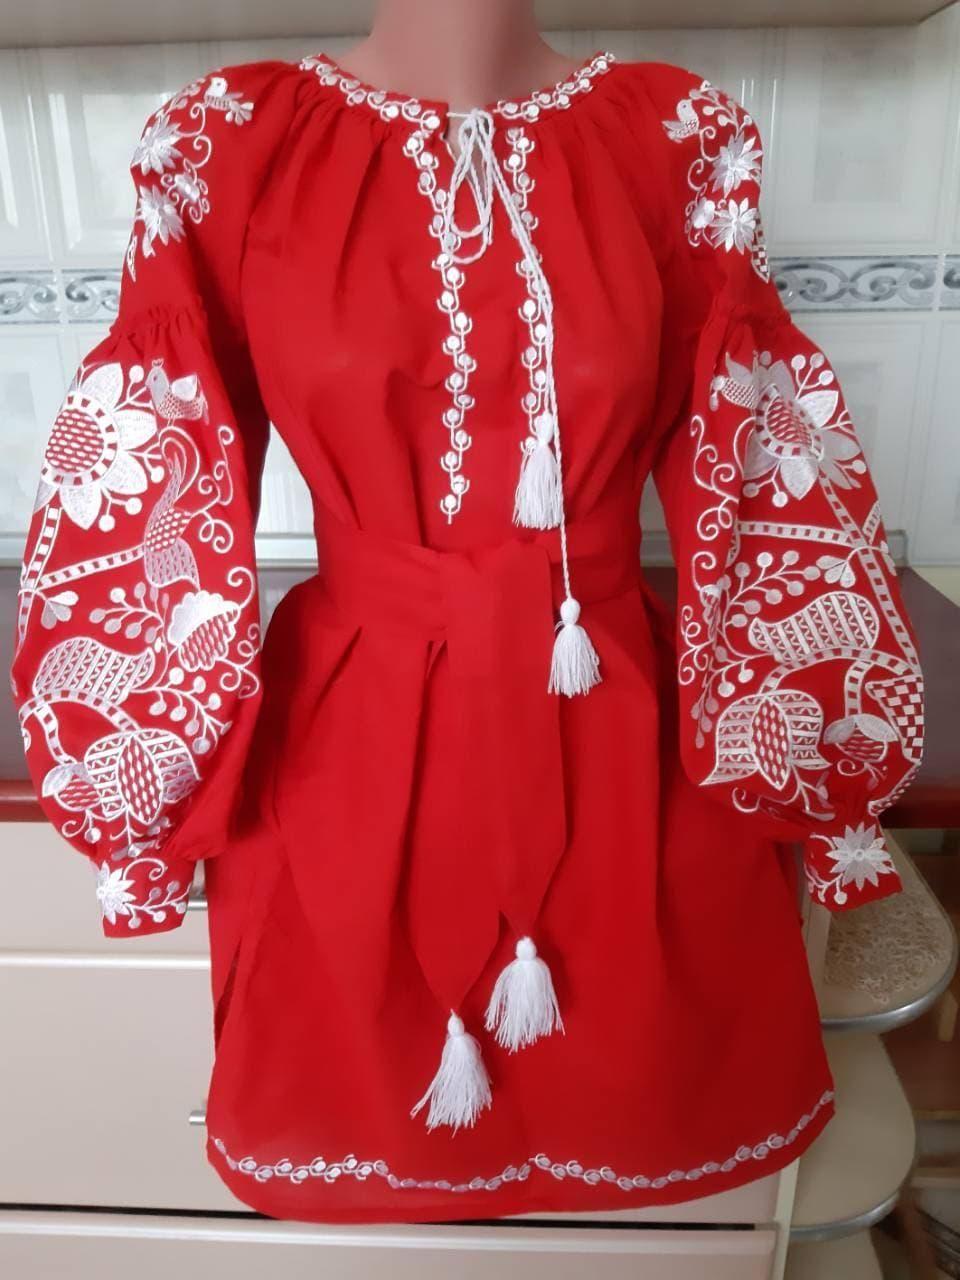 128c70adebf2ad Хіт продаж!!! Сучасне вишите плаття | Сучасна вишиванка https ...